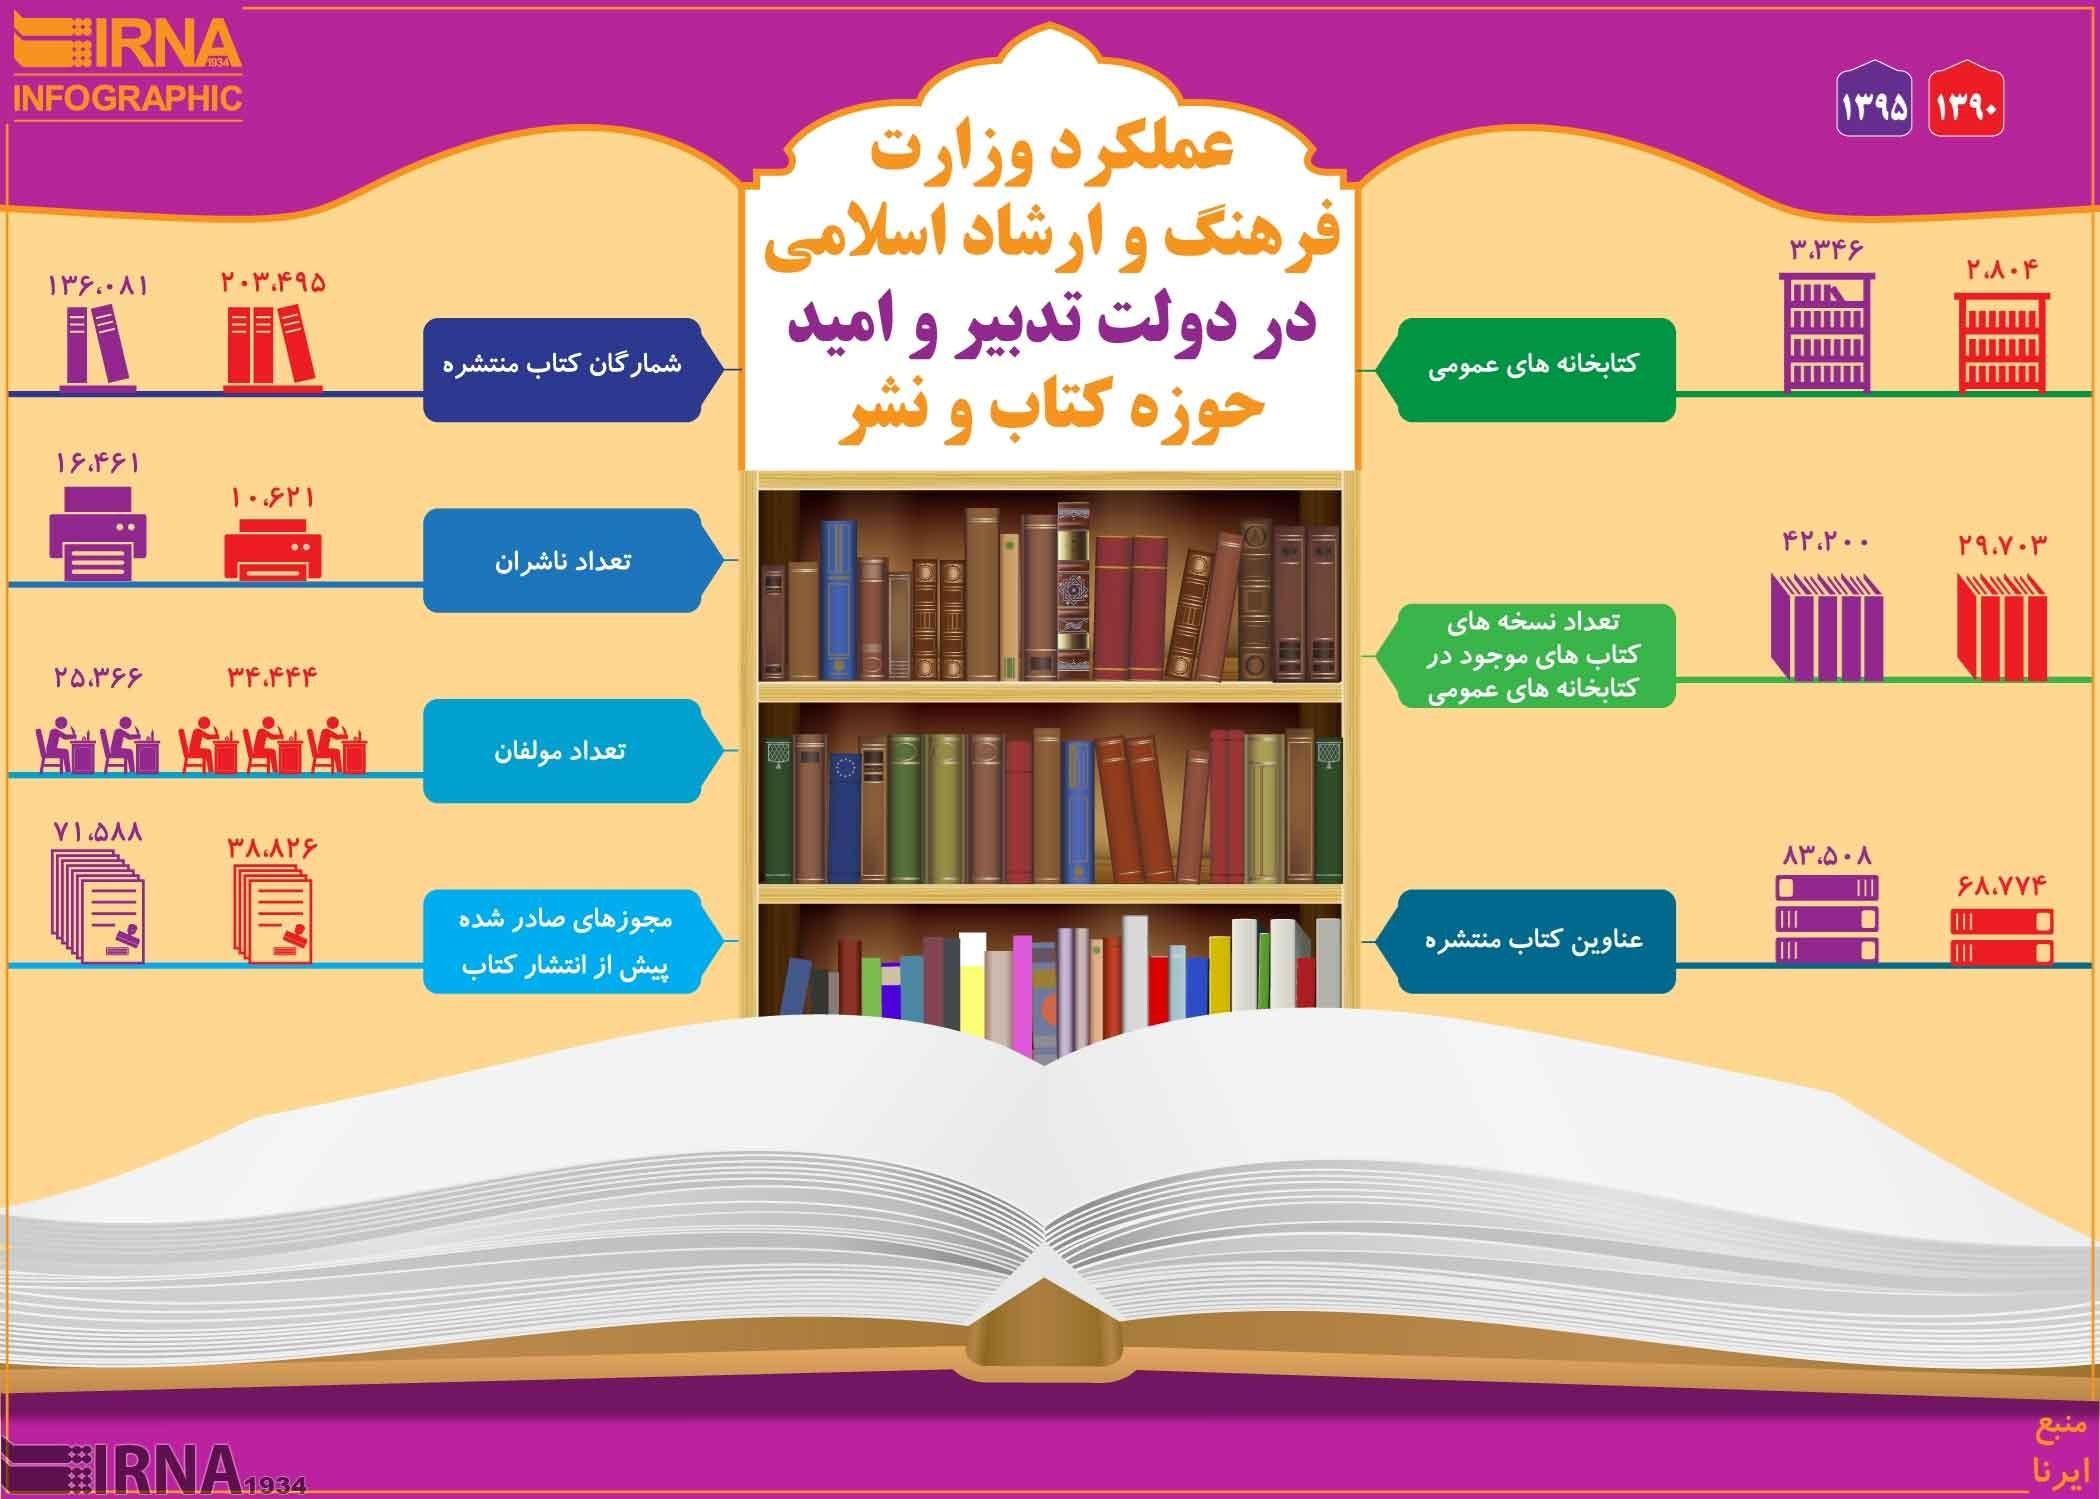 اینفوگرافیک | وضعیت انتشار کتاب در دولت یازدهم |افزایش صدور مجوز و تعداد ناشران